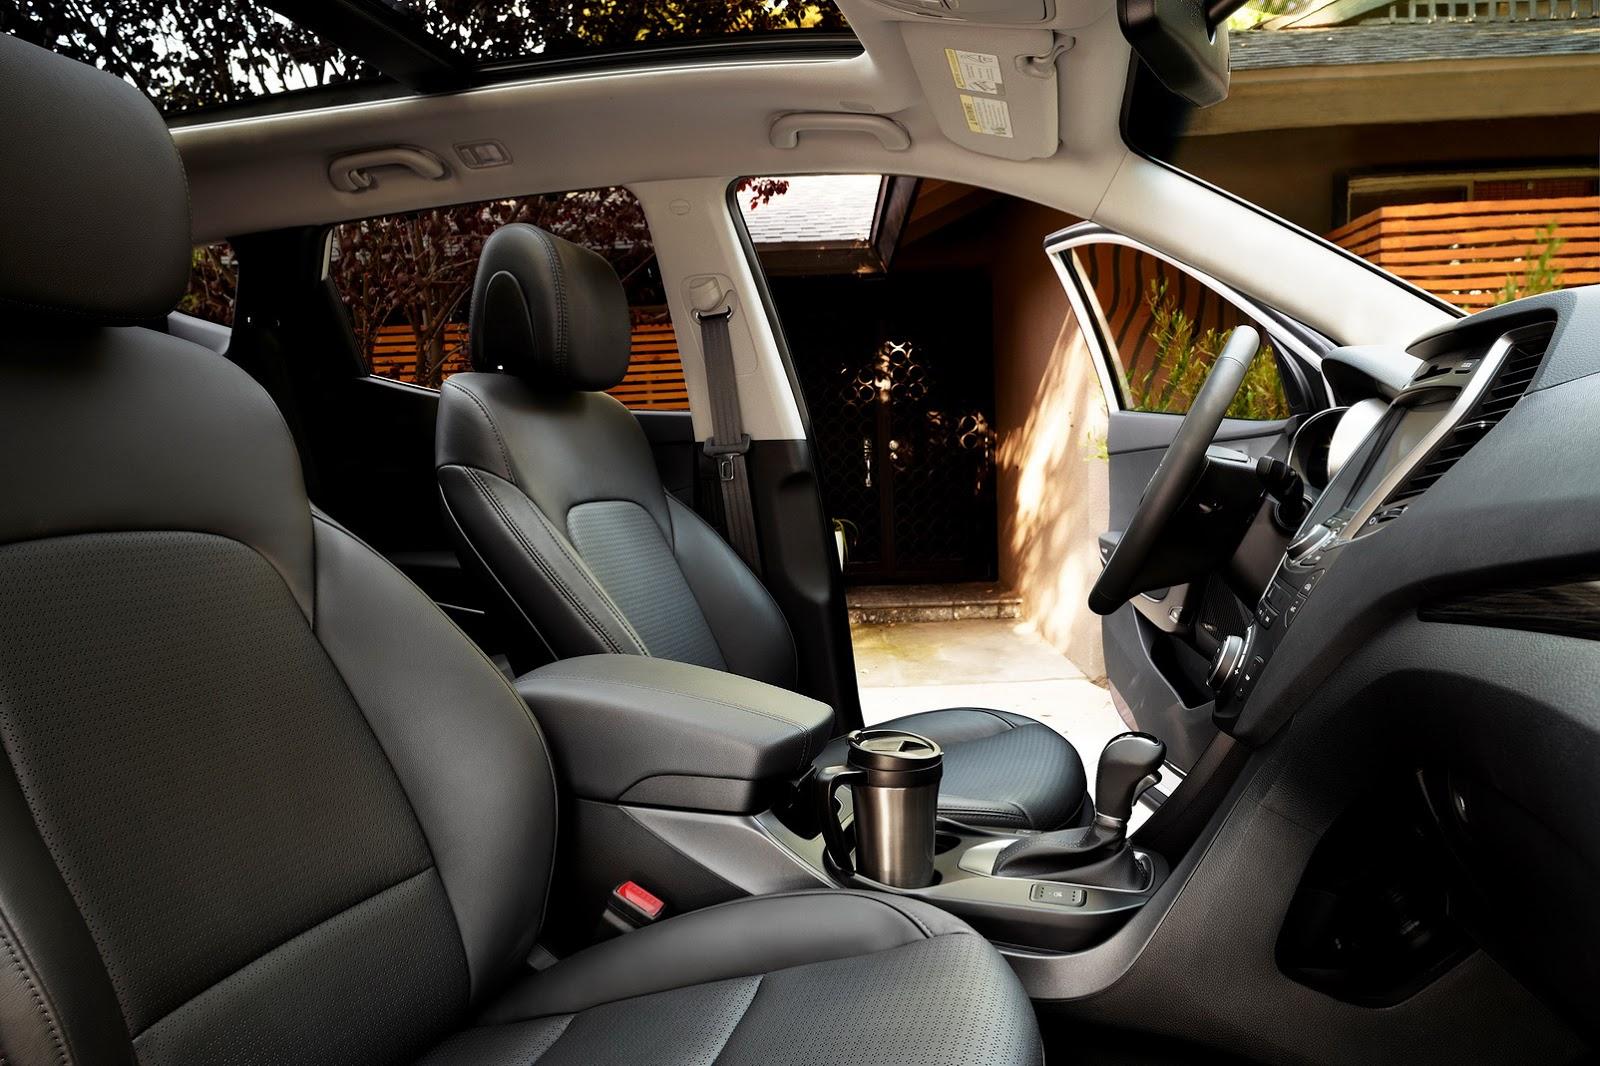 2015 Hyundai Santafe